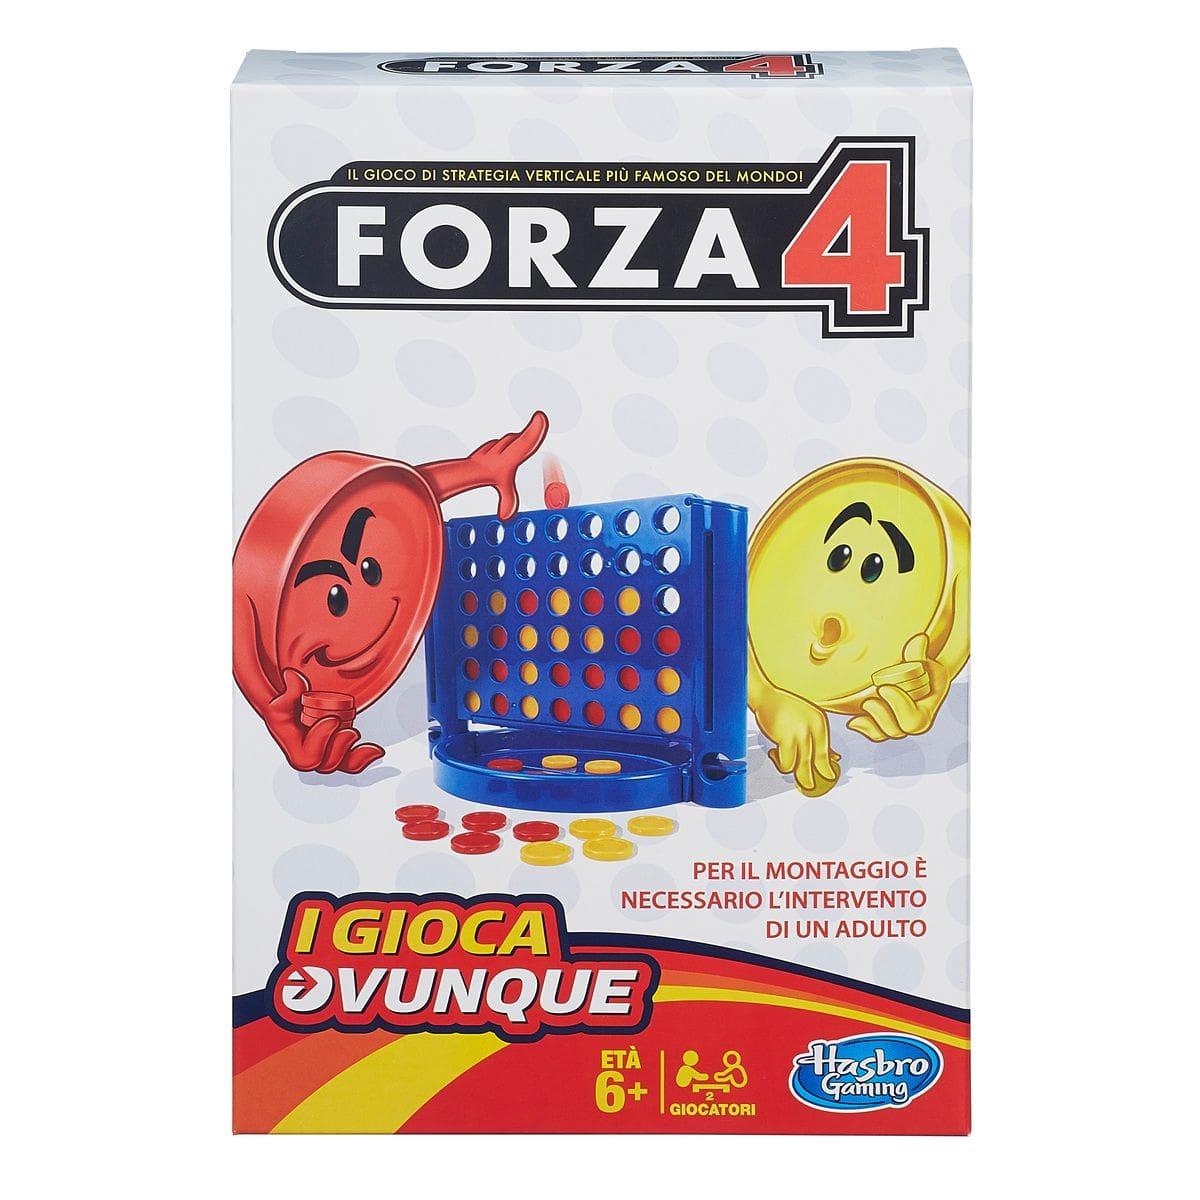 Forza 4 travel (I)